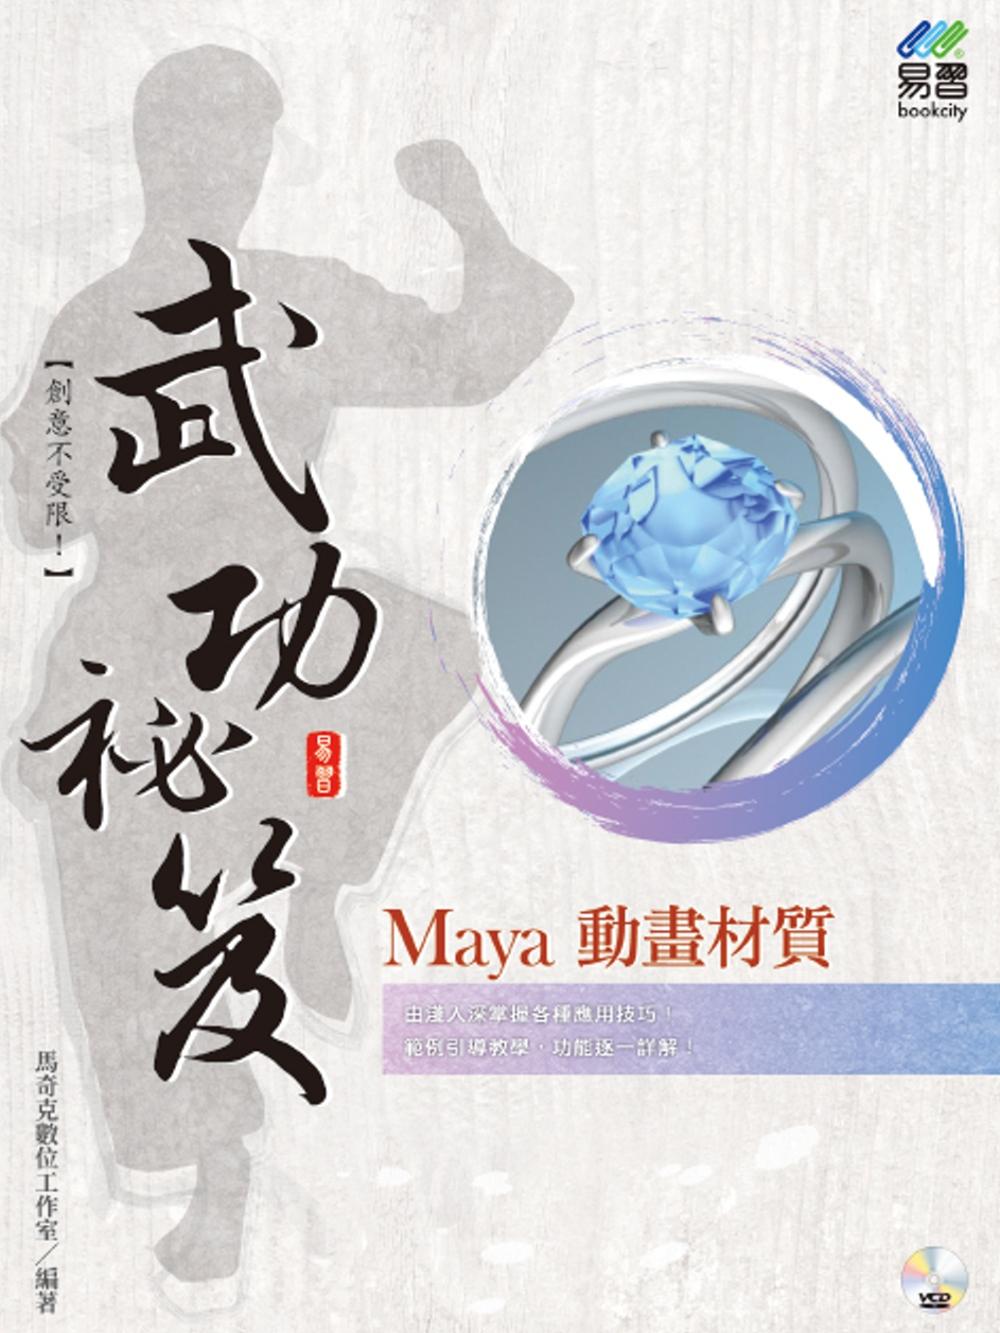 Maya 動畫材質 武功祕笈